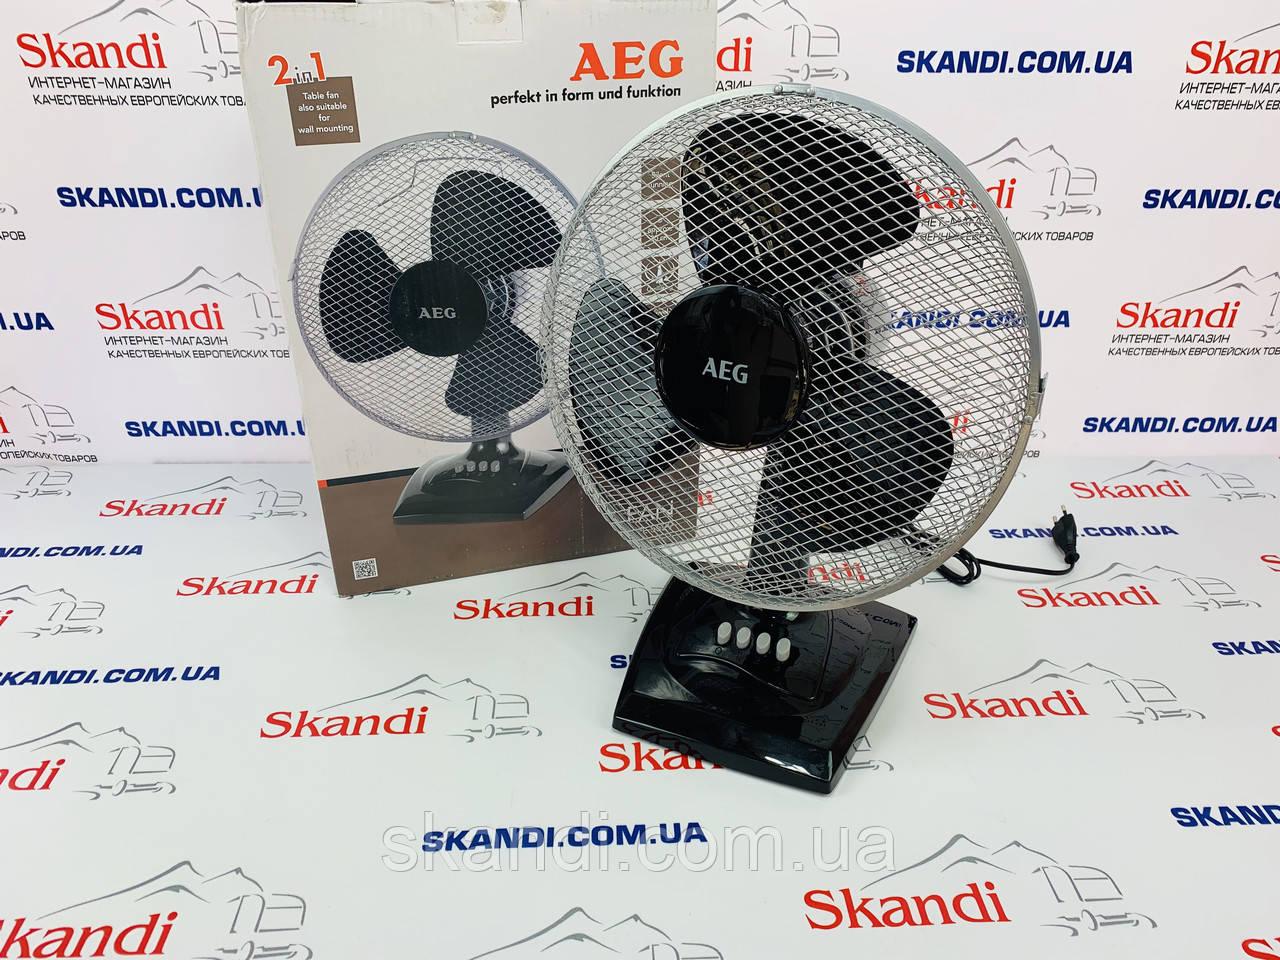 Вентилятор AEG Настольный/Настенный  (Оригинал)Германия 23 см Ø